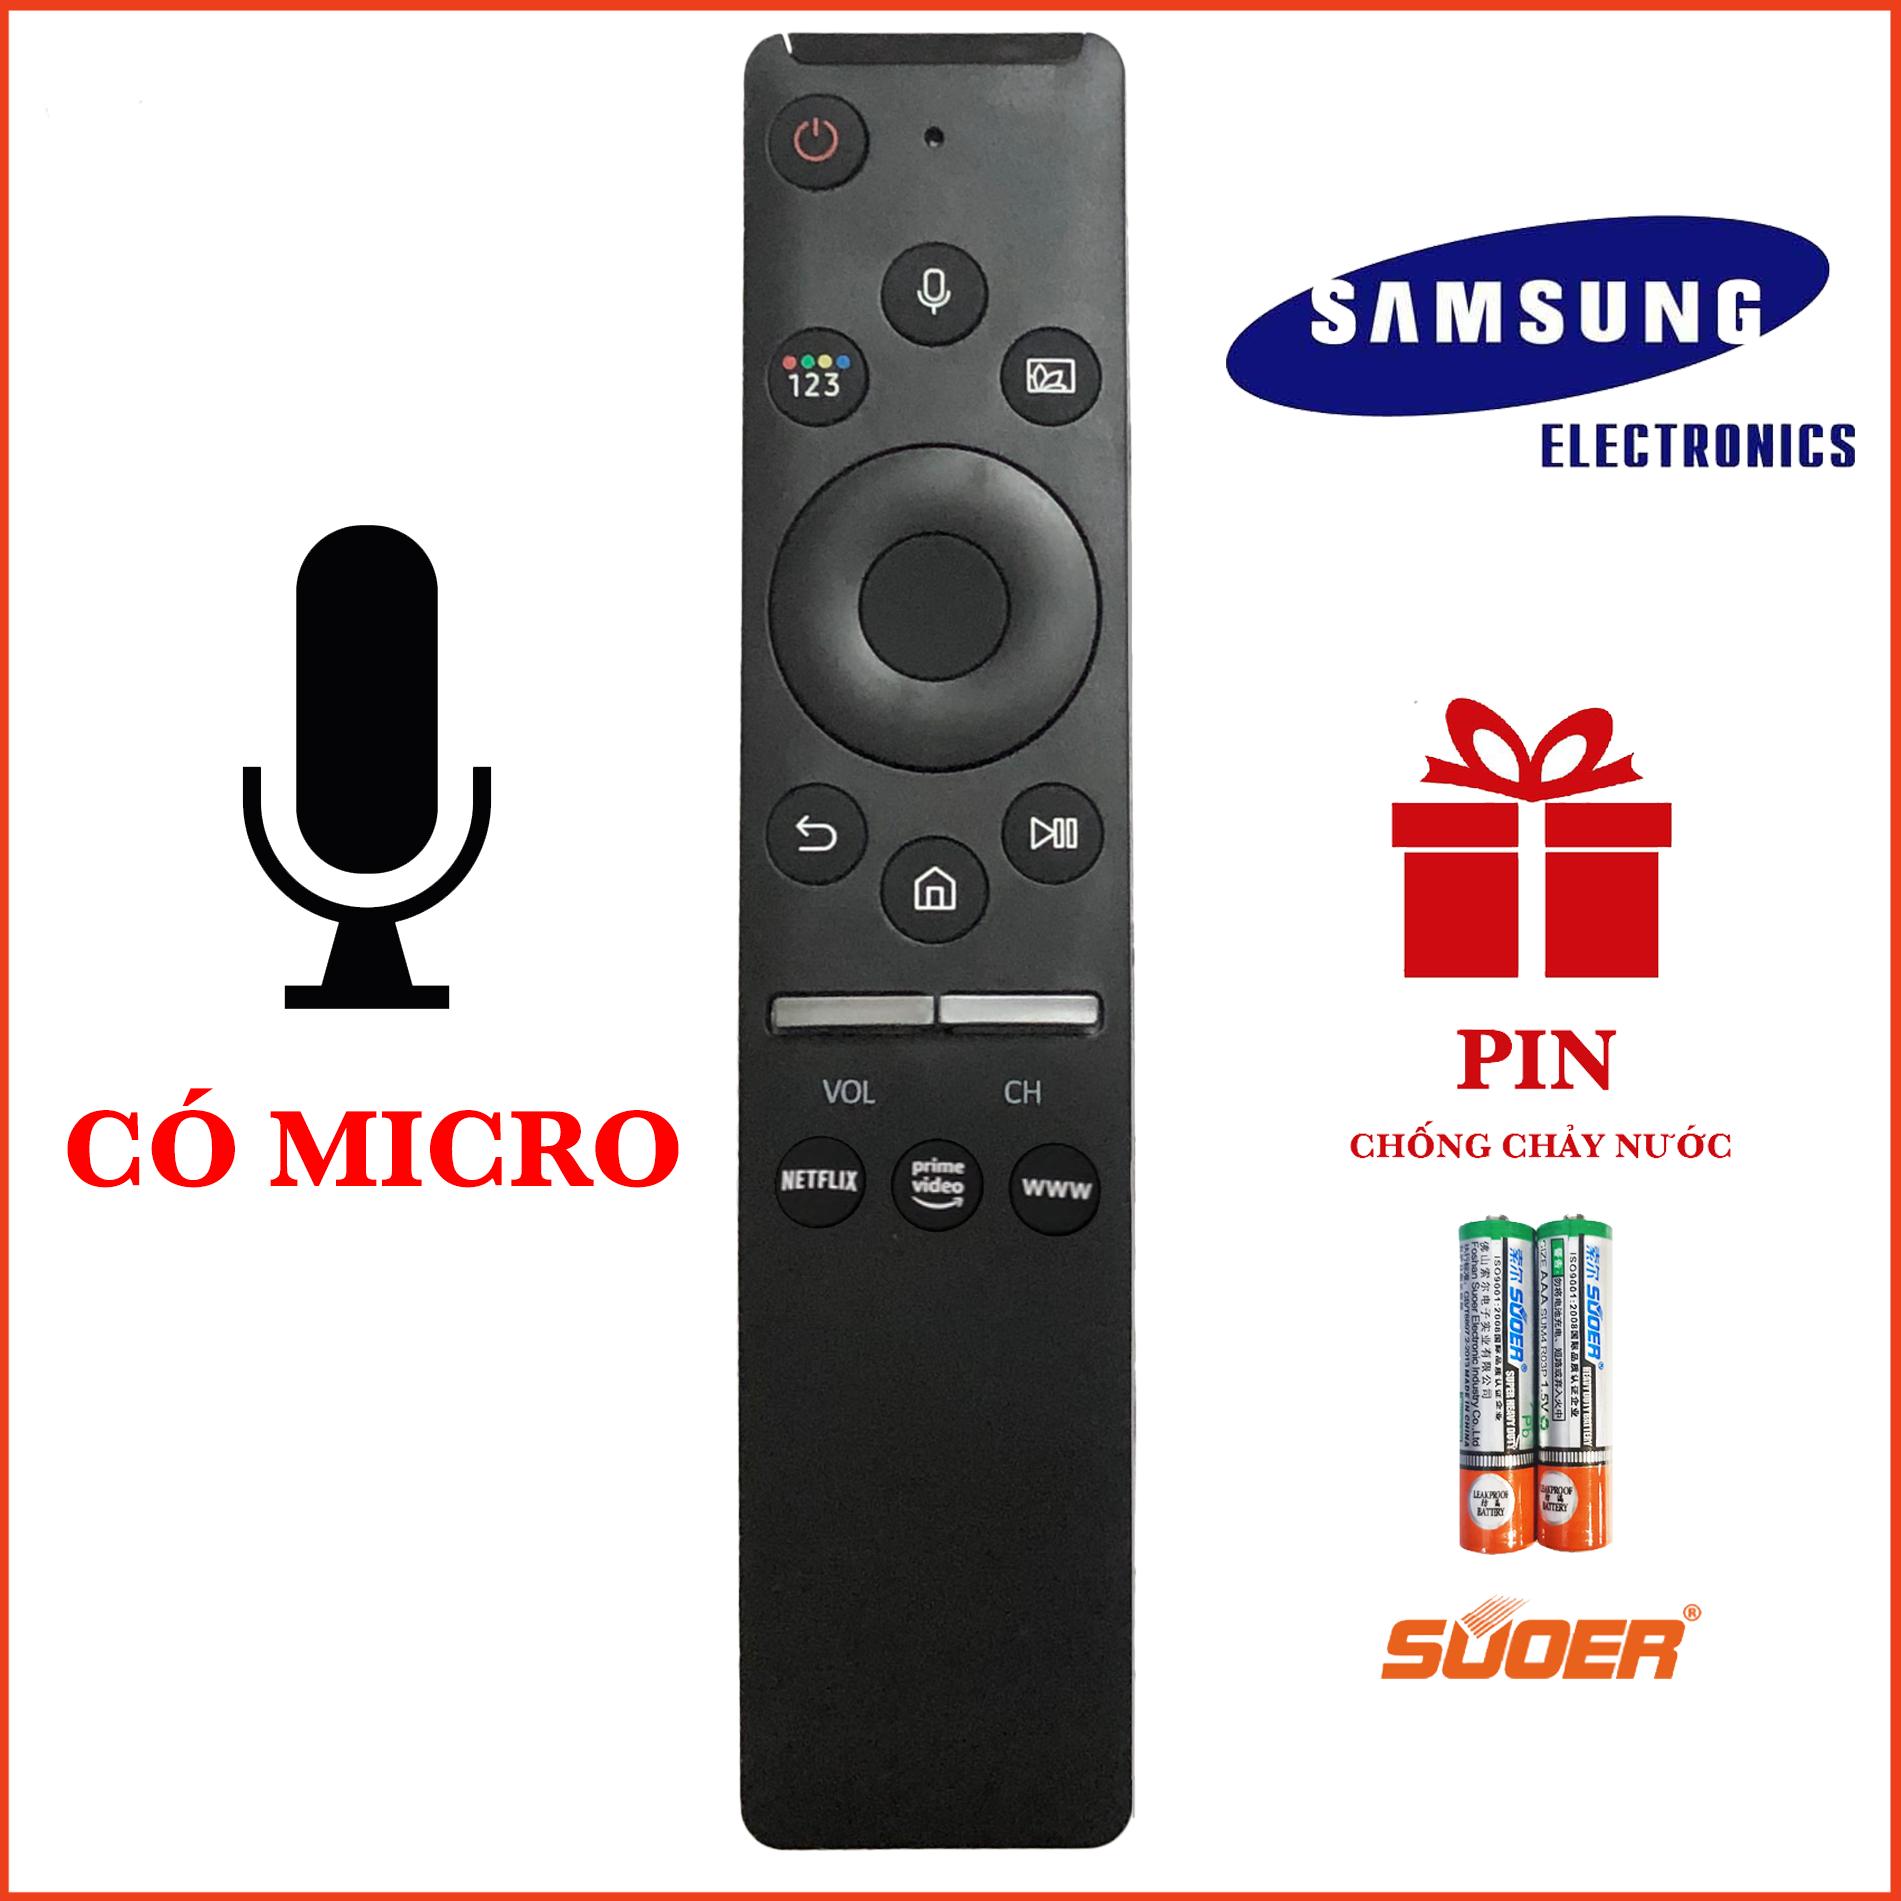 Điều khiển TV SAMSUNG SMART 4K CÓ MICRO CAO CẤP HÀNG CHÍNH HÃNG